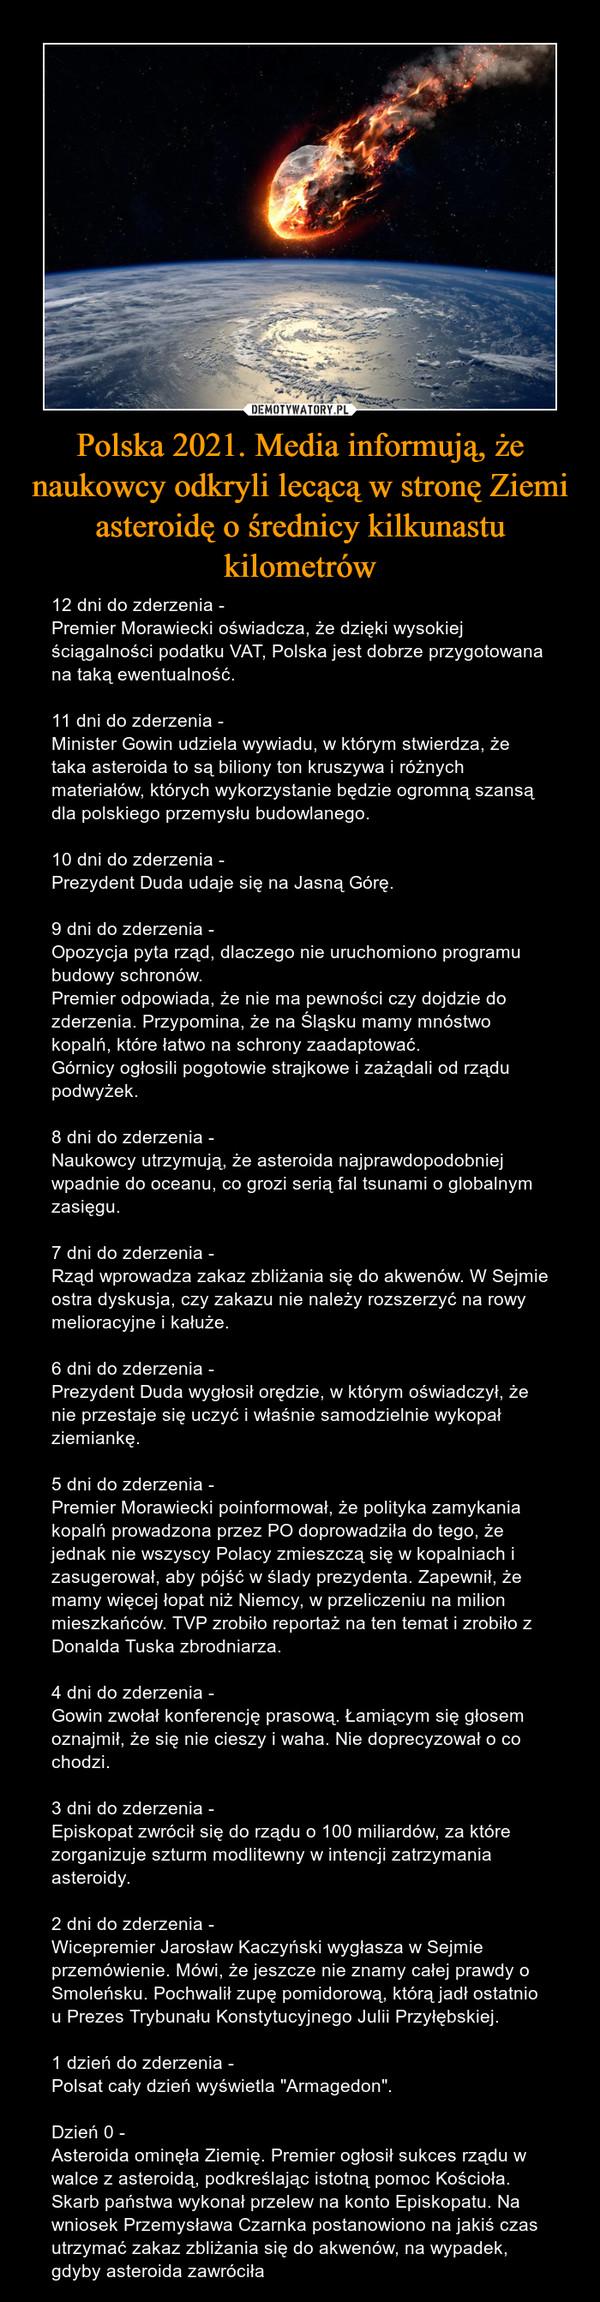 Polska 2021. Media informują, że naukowcy odkryli lecącą w stronę Ziemi asteroidę o średnicy kilkunastu kilometrów – 12 dni do zderzenia -Premier Morawiecki oświadcza, że dzięki wysokiej ściągalności podatku VAT, Polska jest dobrze przygotowana na taką ewentualność.11 dni do zderzenia -Minister Gowin udziela wywiadu, w którym stwierdza, że taka asteroida to są biliony ton kruszywa i różnych materiałów, których wykorzystanie będzie ogromną szansą dla polskiego przemysłu budowlanego.10 dni do zderzenia -Prezydent Duda udaje się na Jasną Górę.9 dni do zderzenia -Opozycja pyta rząd, dlaczego nie uruchomiono programu budowy schronów.Premier odpowiada, że nie ma pewności czy dojdzie do zderzenia. Przypomina, że na Śląsku mamy mnóstwo kopalń, które łatwo na schrony zaadaptować.Górnicy ogłosili pogotowie strajkowe i zażądali od rządu podwyżek.8 dni do zderzenia -Naukowcy utrzymują, że asteroida najprawdopodobniej wpadnie do oceanu, co grozi serią fal tsunami o globalnym zasięgu.7 dni do zderzenia -Rząd wprowadza zakaz zbliżania się do akwenów. W Sejmie ostra dyskusja, czy zakazu nie należy rozszerzyć na rowy melioracyjne i kałuże.6 dni do zderzenia -Prezydent Duda wygłosił orędzie, w którym oświadczył, że nie przestaje się uczyć i właśnie samodzielnie wykopał ziemiankę.5 dni do zderzenia -Premier Morawiecki poinformował, że polityka zamykania kopalń prowadzona przez PO doprowadziła do tego, że jednak nie wszyscy Polacy zmieszczą się w kopalniach i zasugerował, aby pójść w ślady prezydenta. Zapewnił, że mamy więcej łopat niż Niemcy, w przeliczeniu na milion mieszkańców. TVP zrobiło reportaż na ten temat i zrobiło z Donalda Tuska zbrodniarza.4 dni do zderzenia -Gowin zwołał konferencję prasową. Łamiącym się głosem oznajmił, że się nie cieszy i waha. Nie doprecyzował o co chodzi.3 dni do zderzenia -Episkopat zwrócił się do rządu o 100 miliardów, za które zorganizuje szturm modlitewny w intencji zatrzymania asteroidy.2 dni do zderzenia -Wicepremier Jarosław Kaczyński wygłasza w